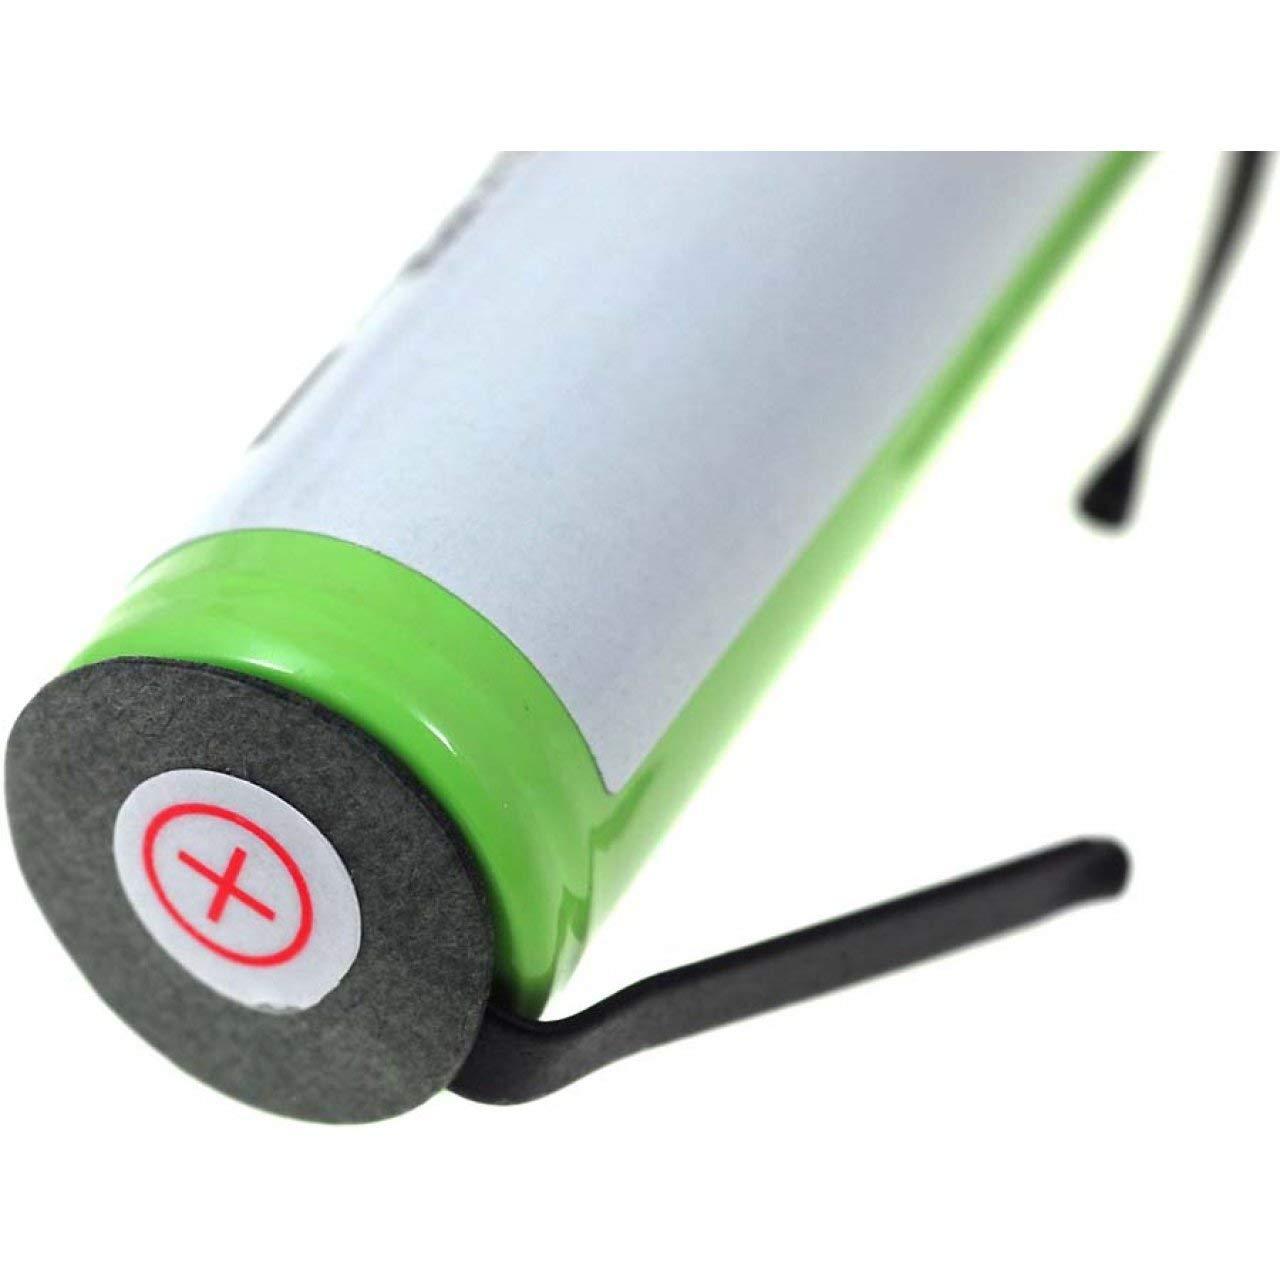 Powery Batería para Afeitadora Braun 1012: Amazon.es: Electrónica